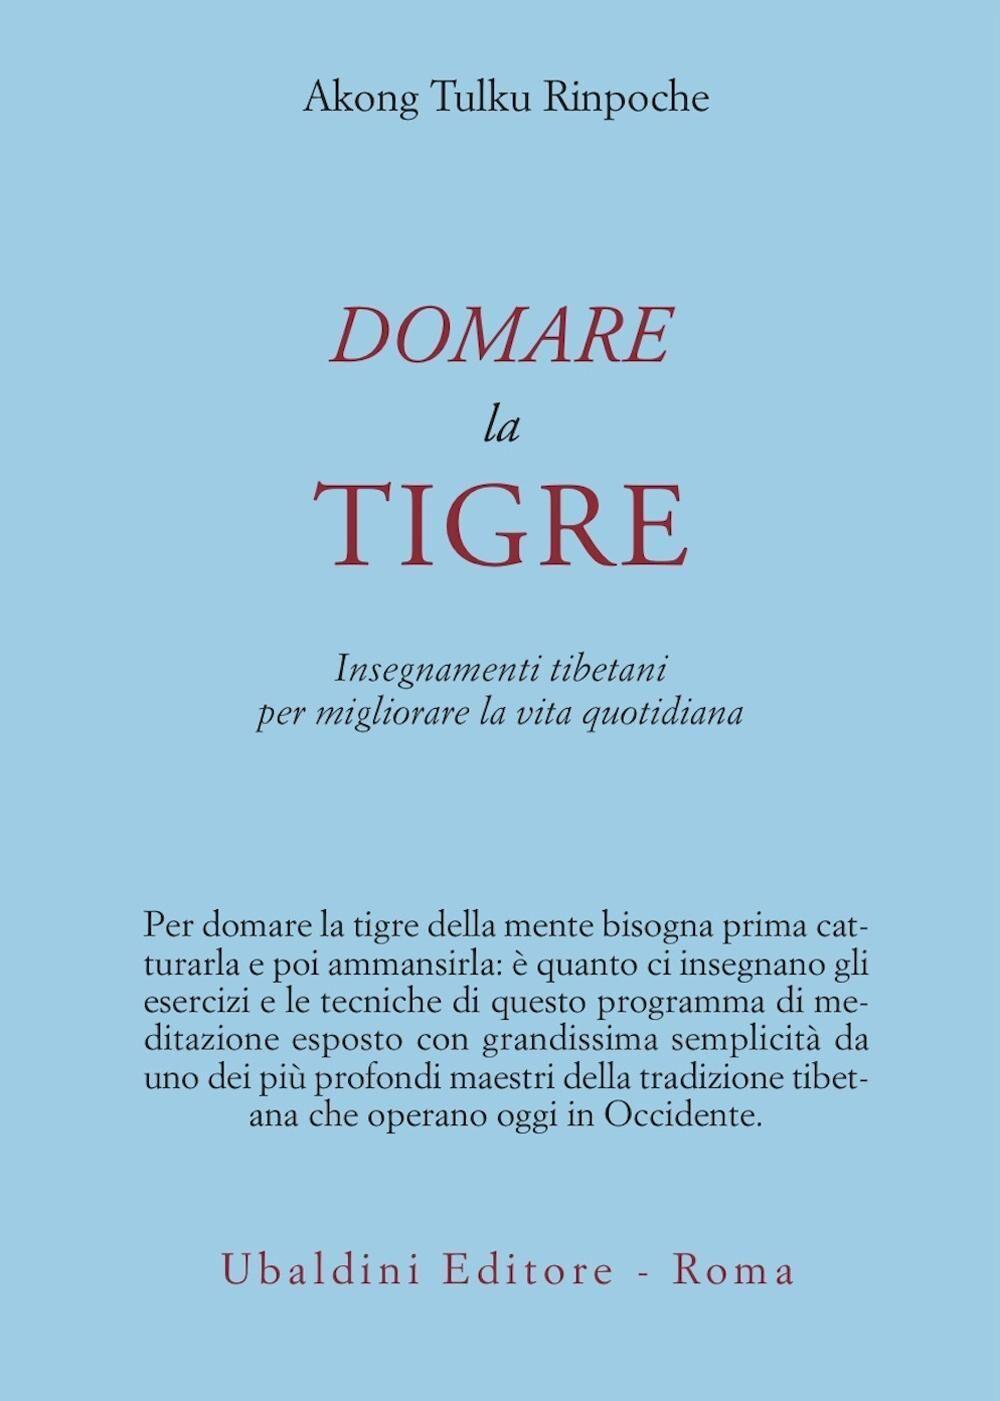 Domare la tigre. Insegnamenti tibetani per migliorare la vita quotidiana